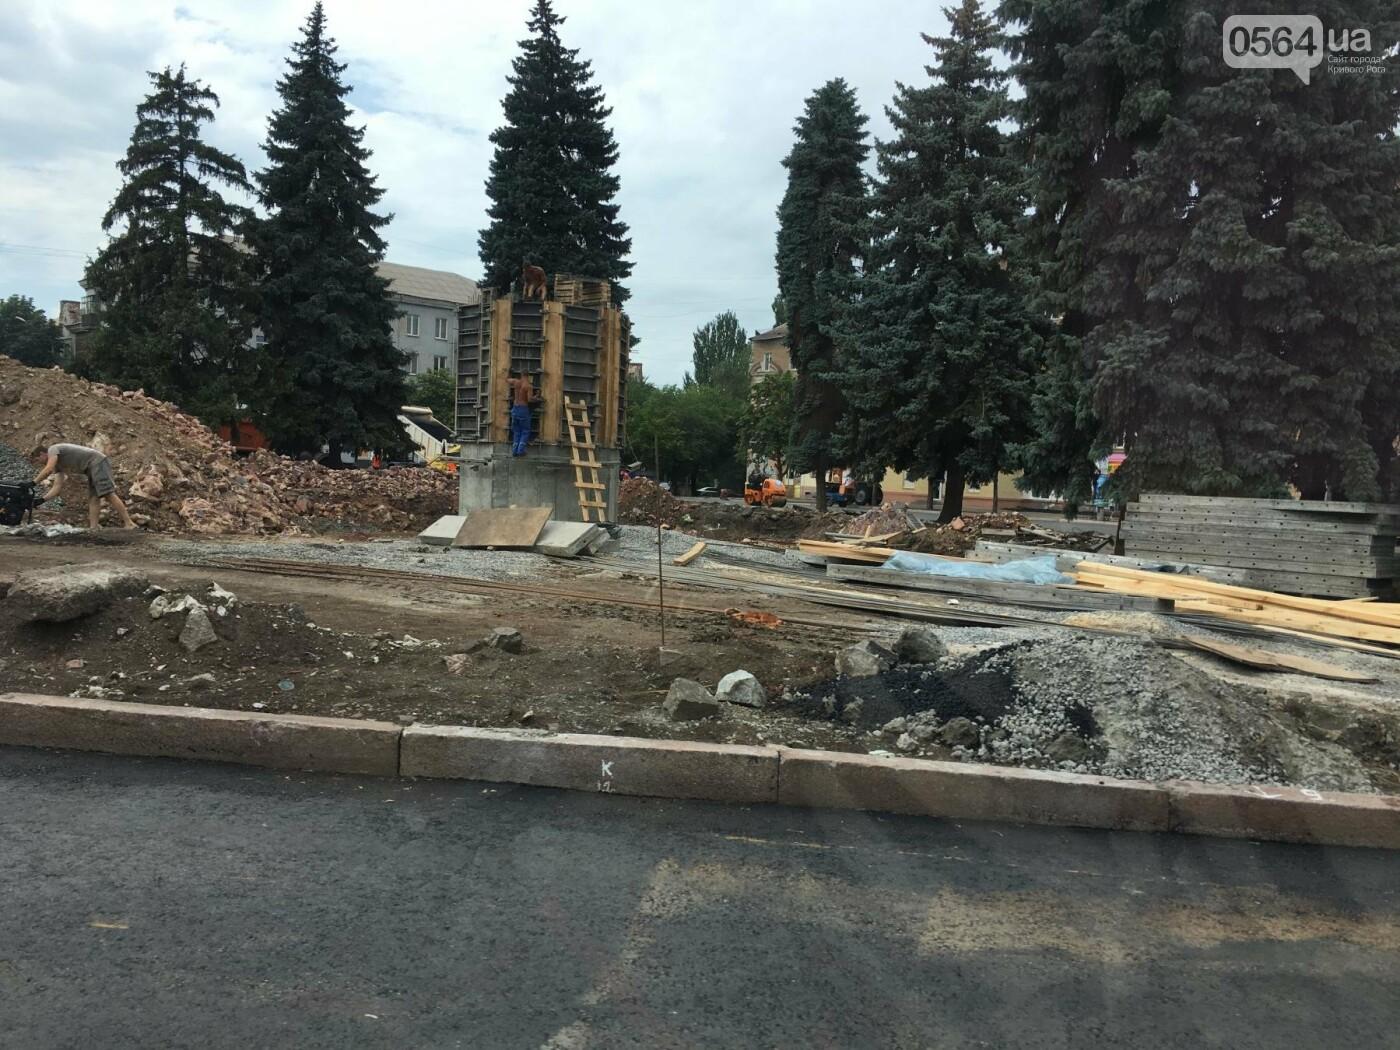 В Кривом Роге не успеют установить памятник князю Владимиру до празднования 1030-летия крещения Киевской Руси, фото-5